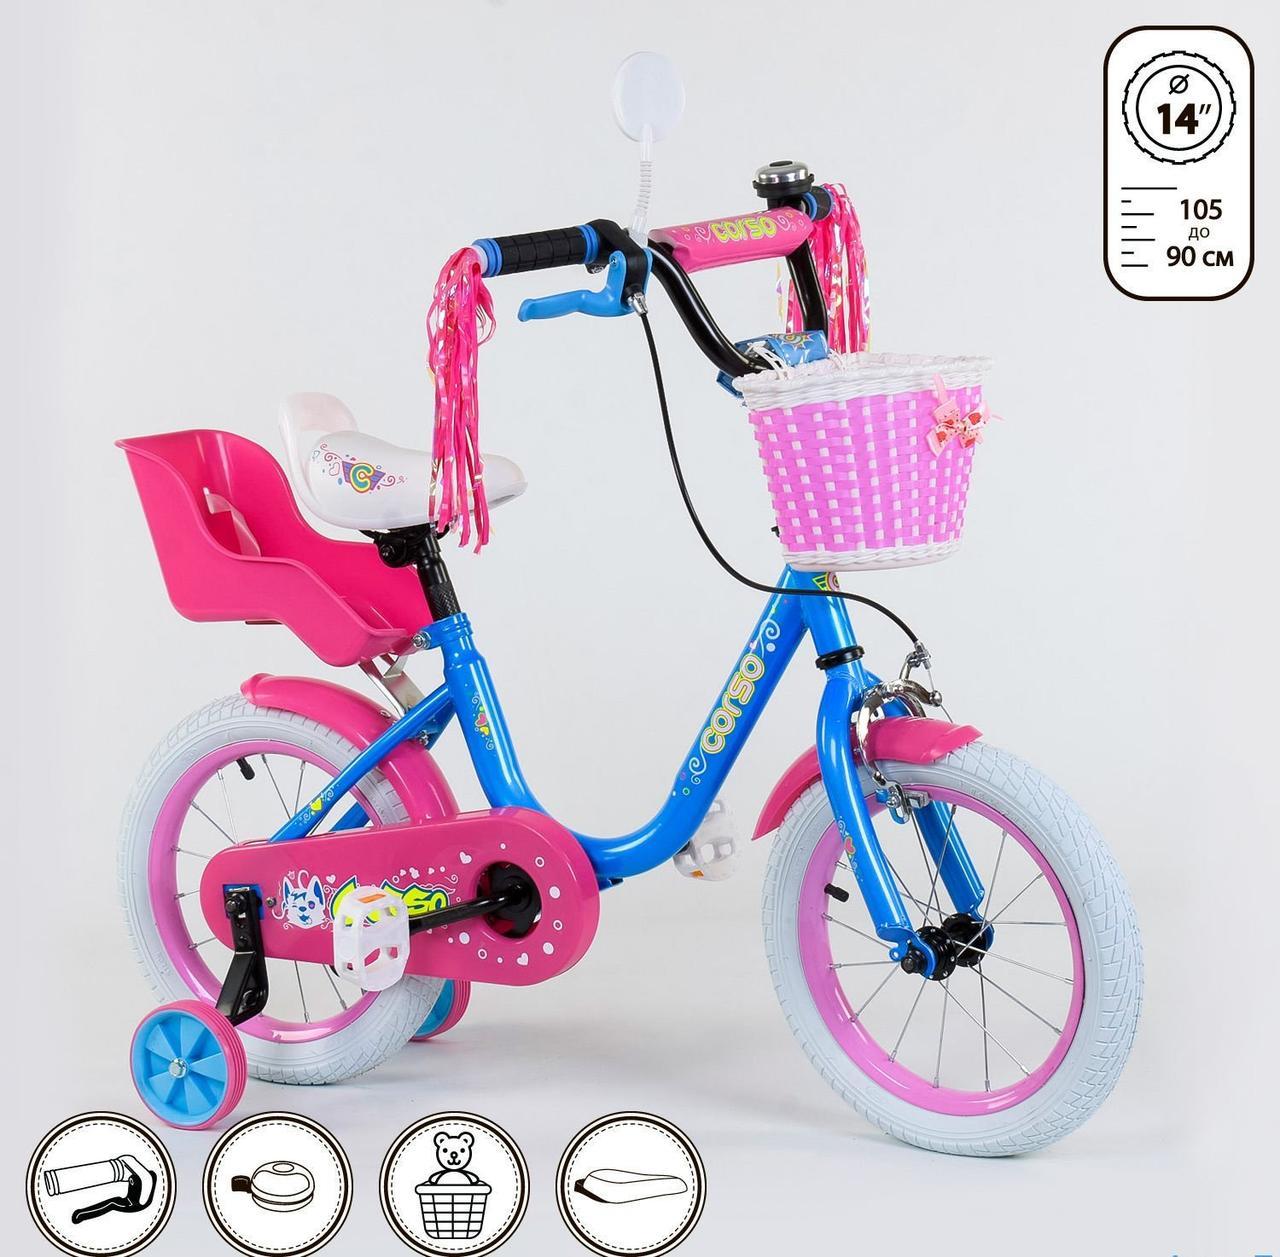 """Велосипед 14"""" дюймов 2-х колёсный """"CORSO"""" новый ручной тормоз, корзинка, звоночек, сидение с ручкой, доп. Колеса"""